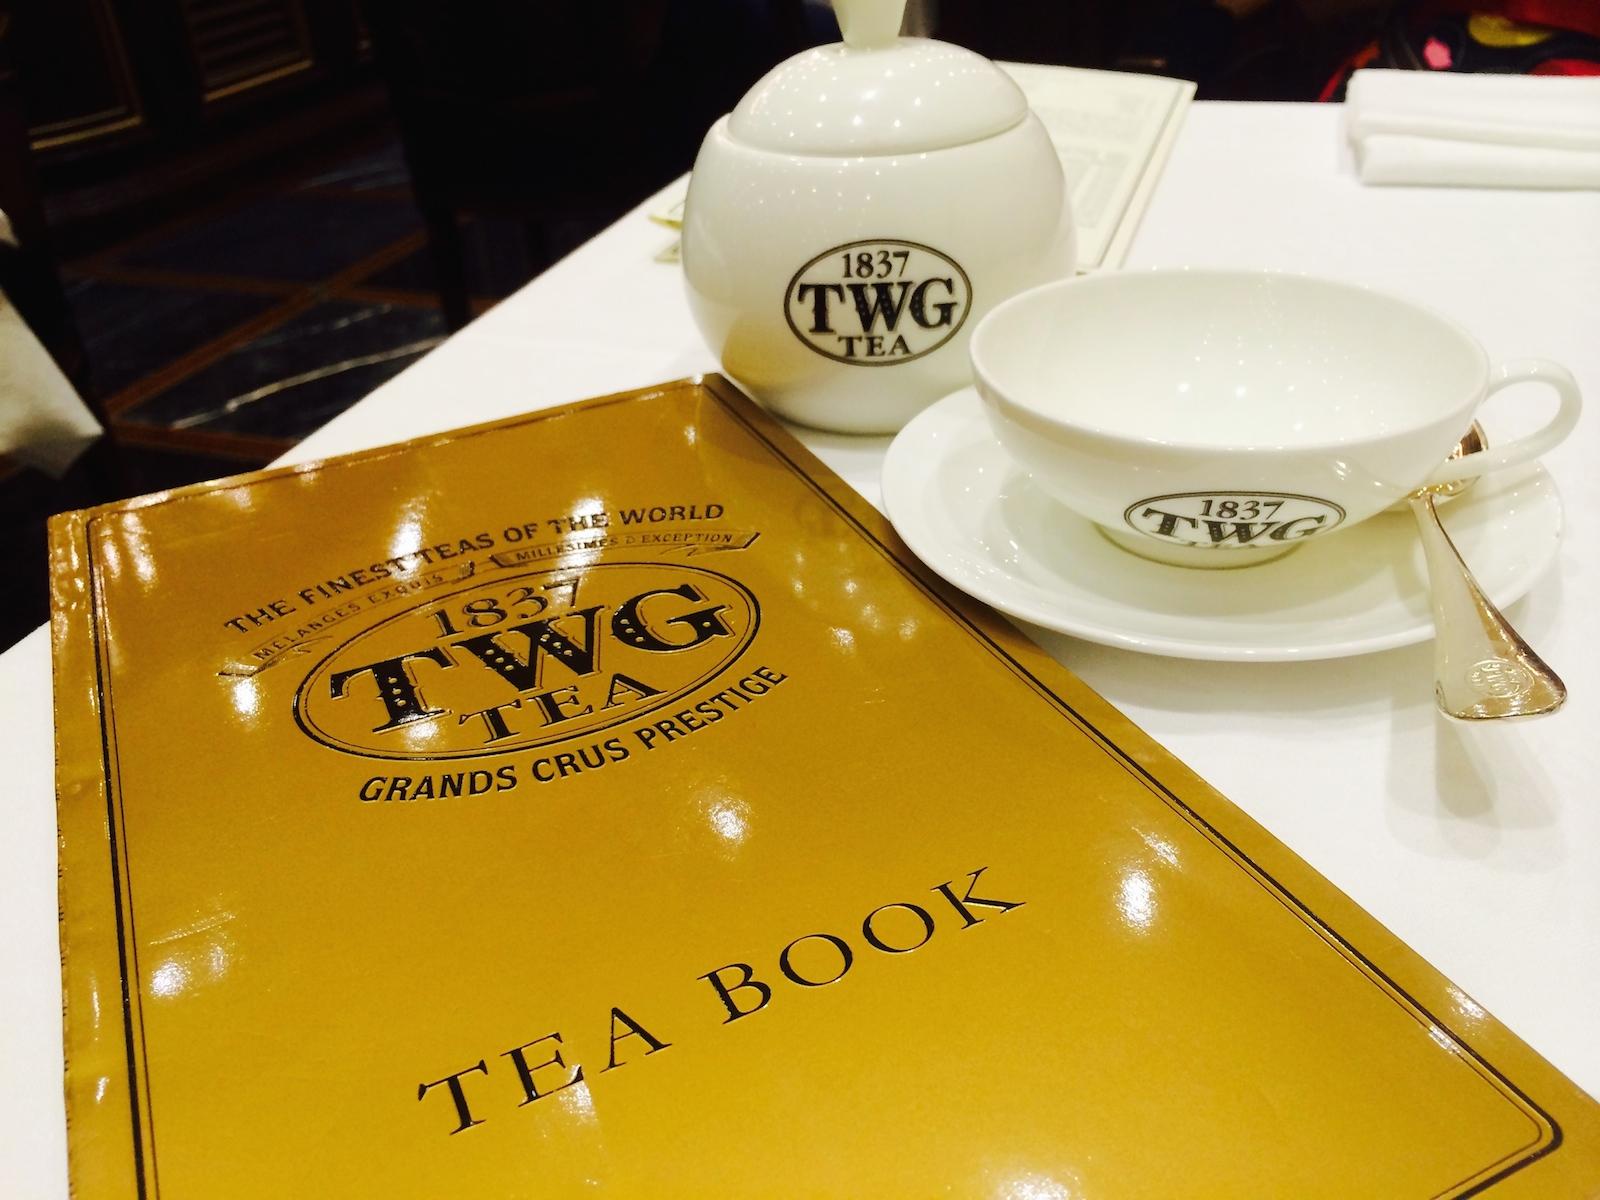 TWG Tea Company